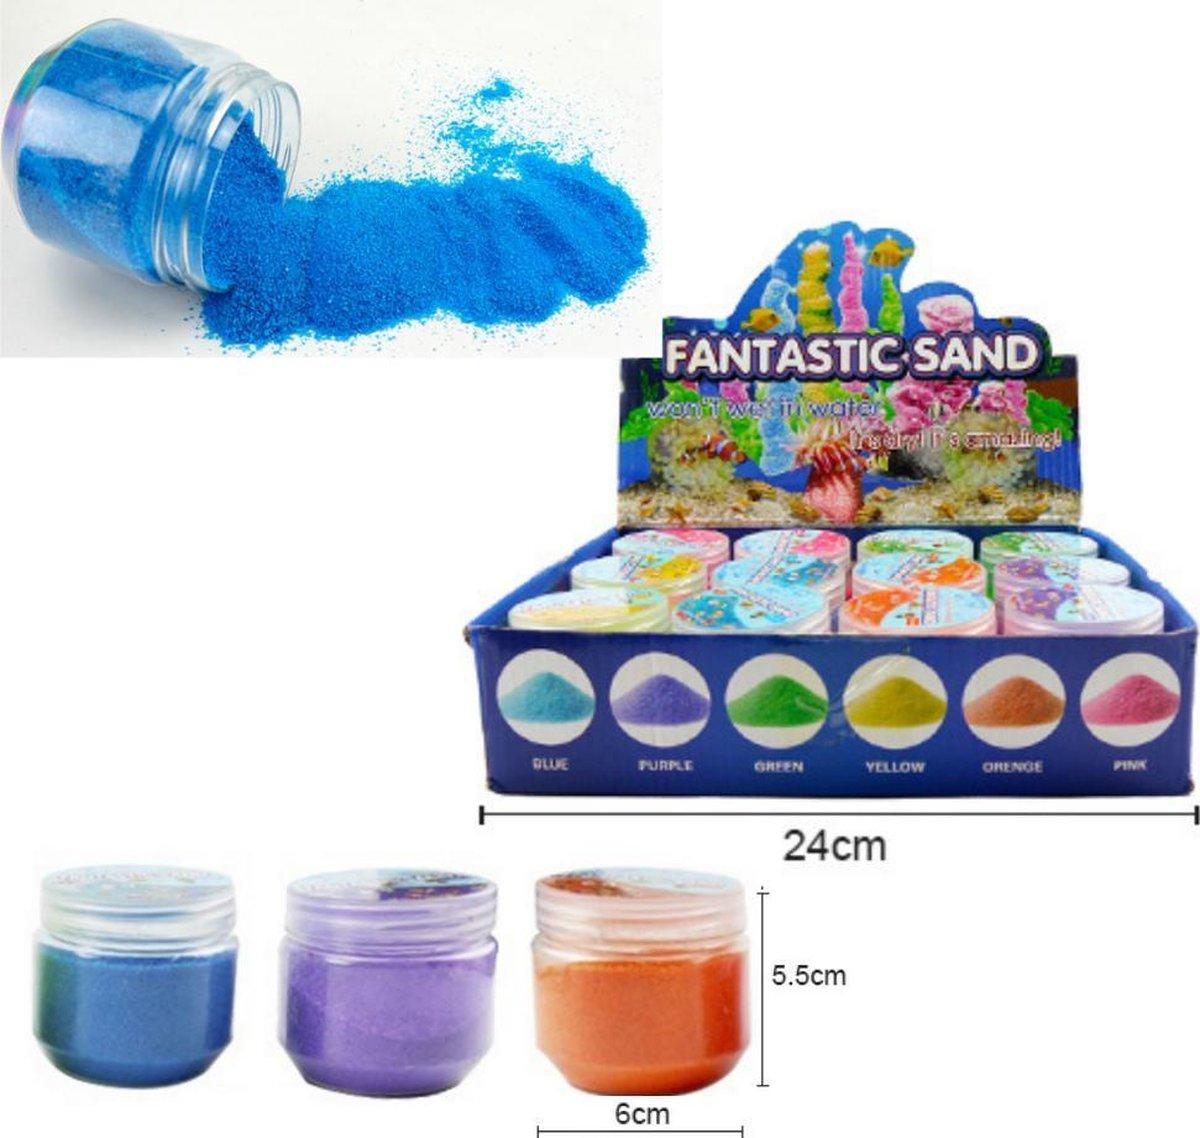 Speelzand - Magisch Zand - Magic Sand - Kinetic Sand - Zand Dat Niet Nat wordt - In 3 Kleuren - Blauw - Paars - Oranje - 107 Gram - Speelgoed Zand Creatief - Fantastic Sand - Speelgoed Voor Kinderen